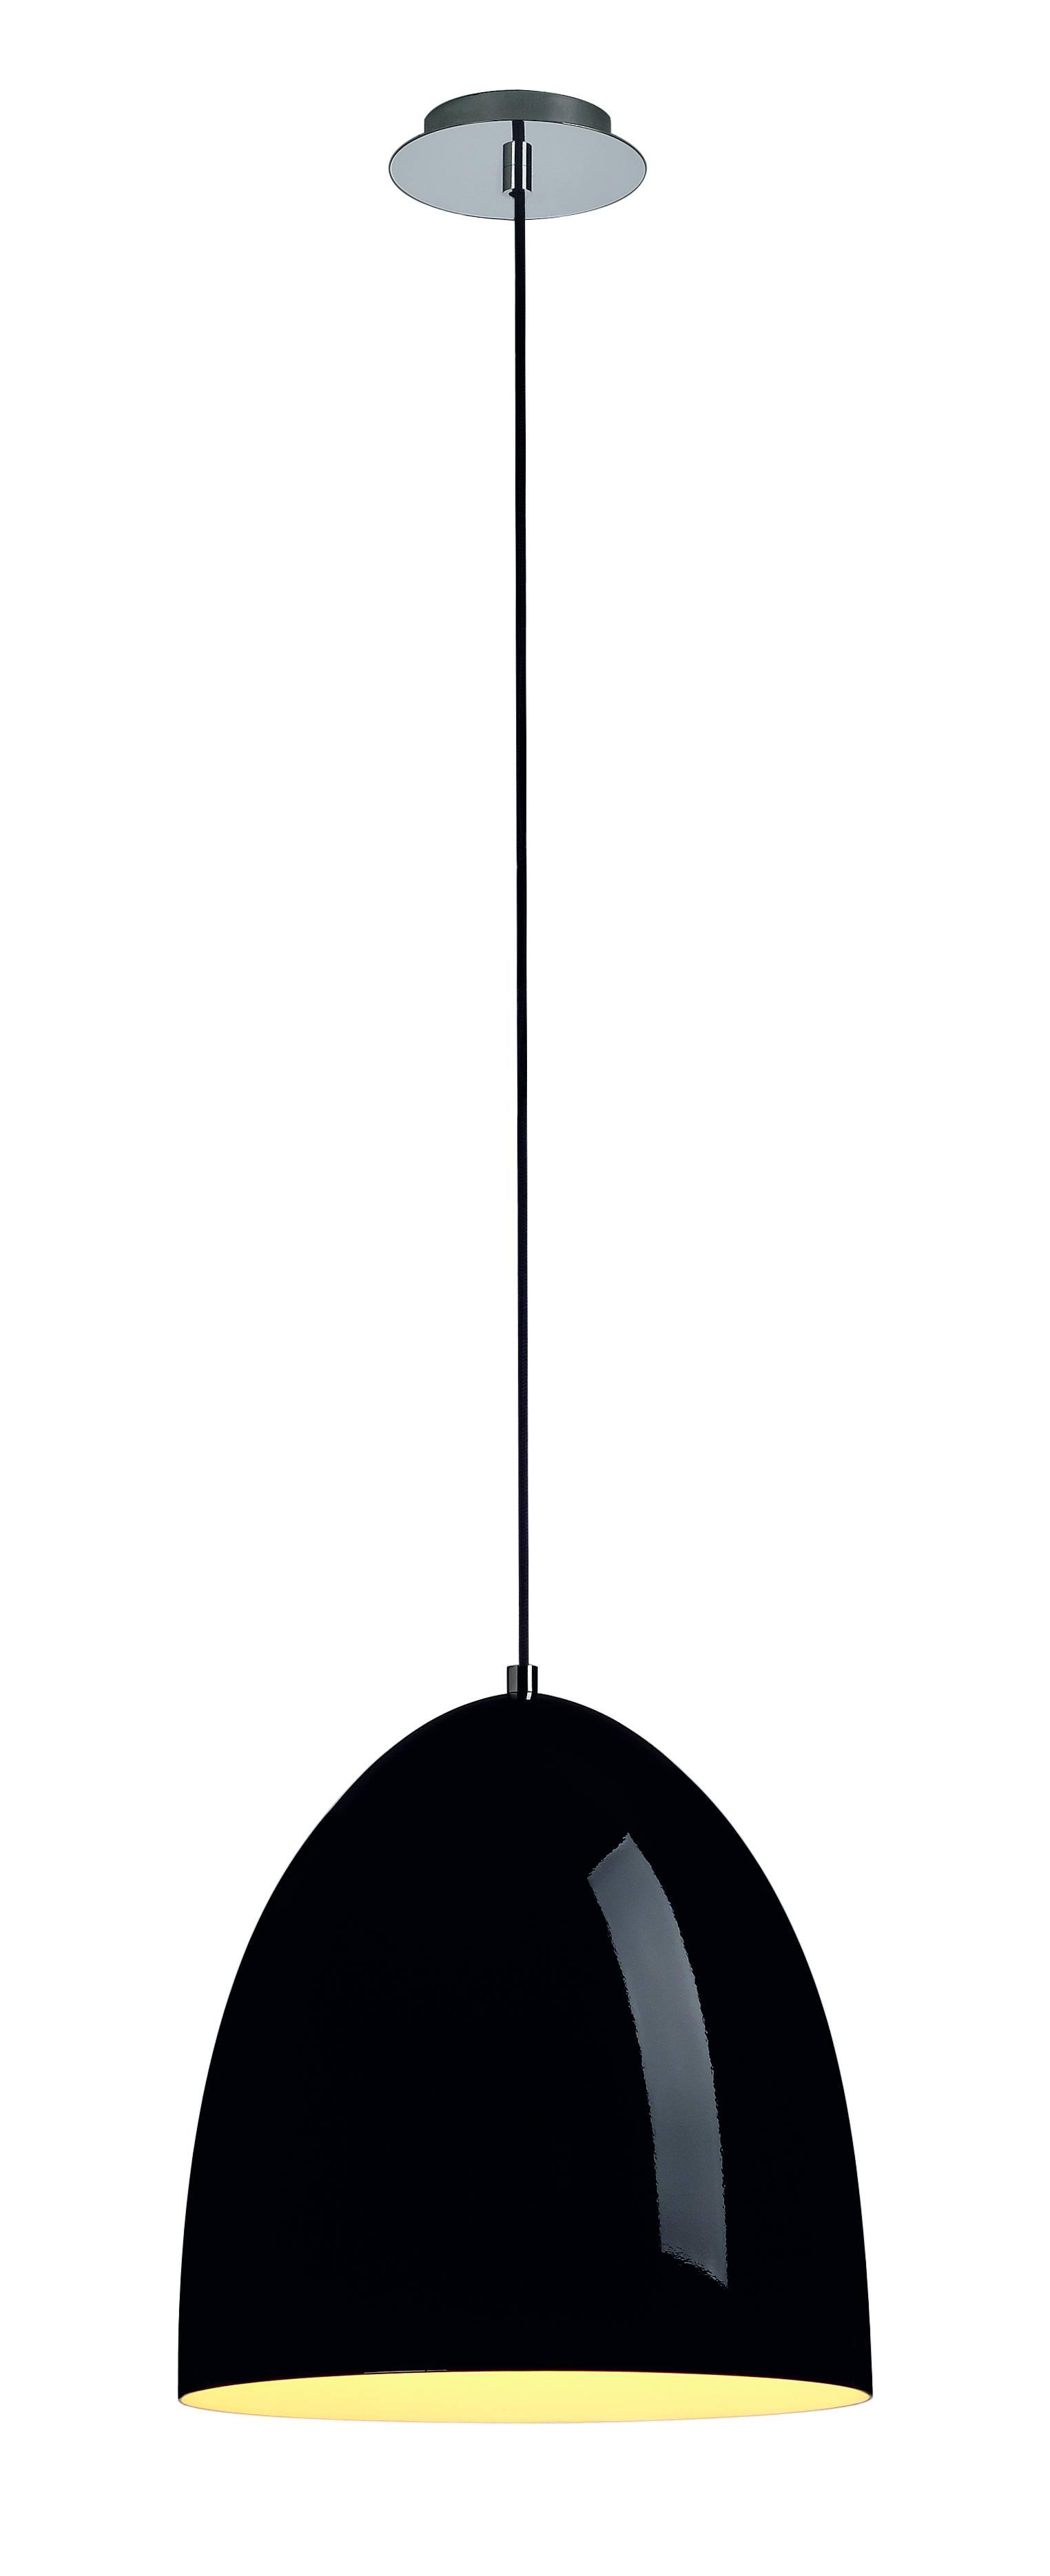 1 Stk PARA CONE 30 Pendelleuchte, rund, schwarz, E27, max. 60W LI133010--